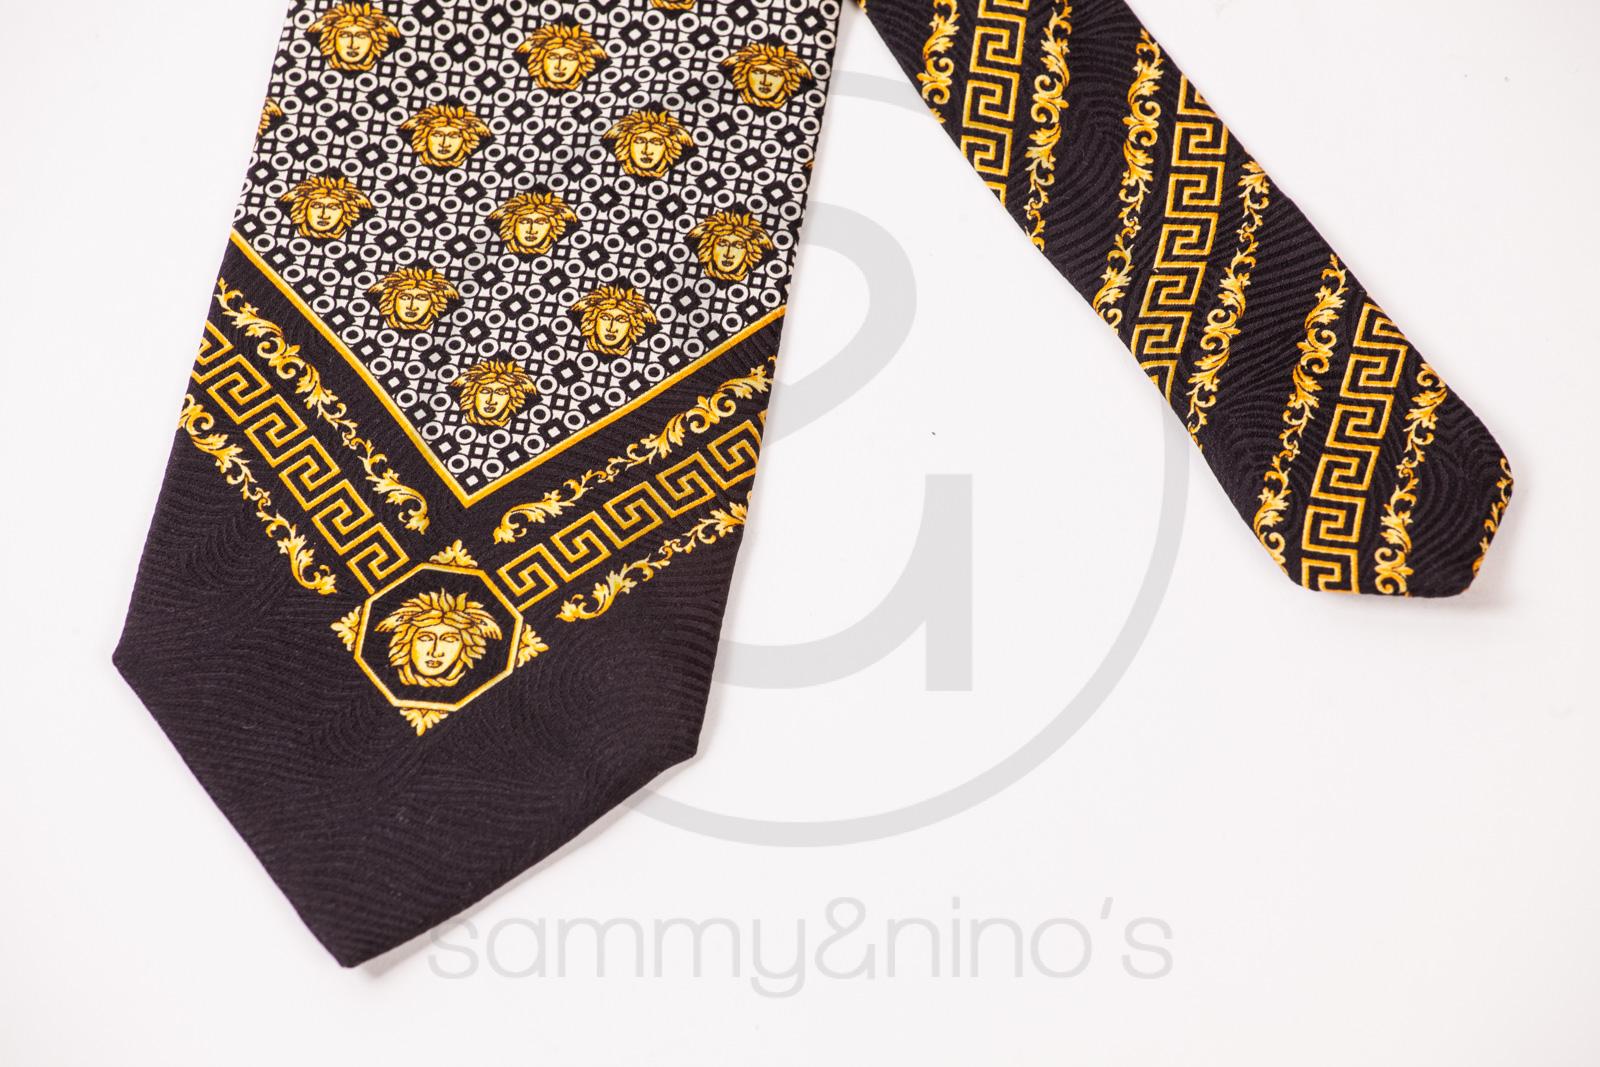 Gianni Versace Silk Tie Sammy Amp Nino S Store